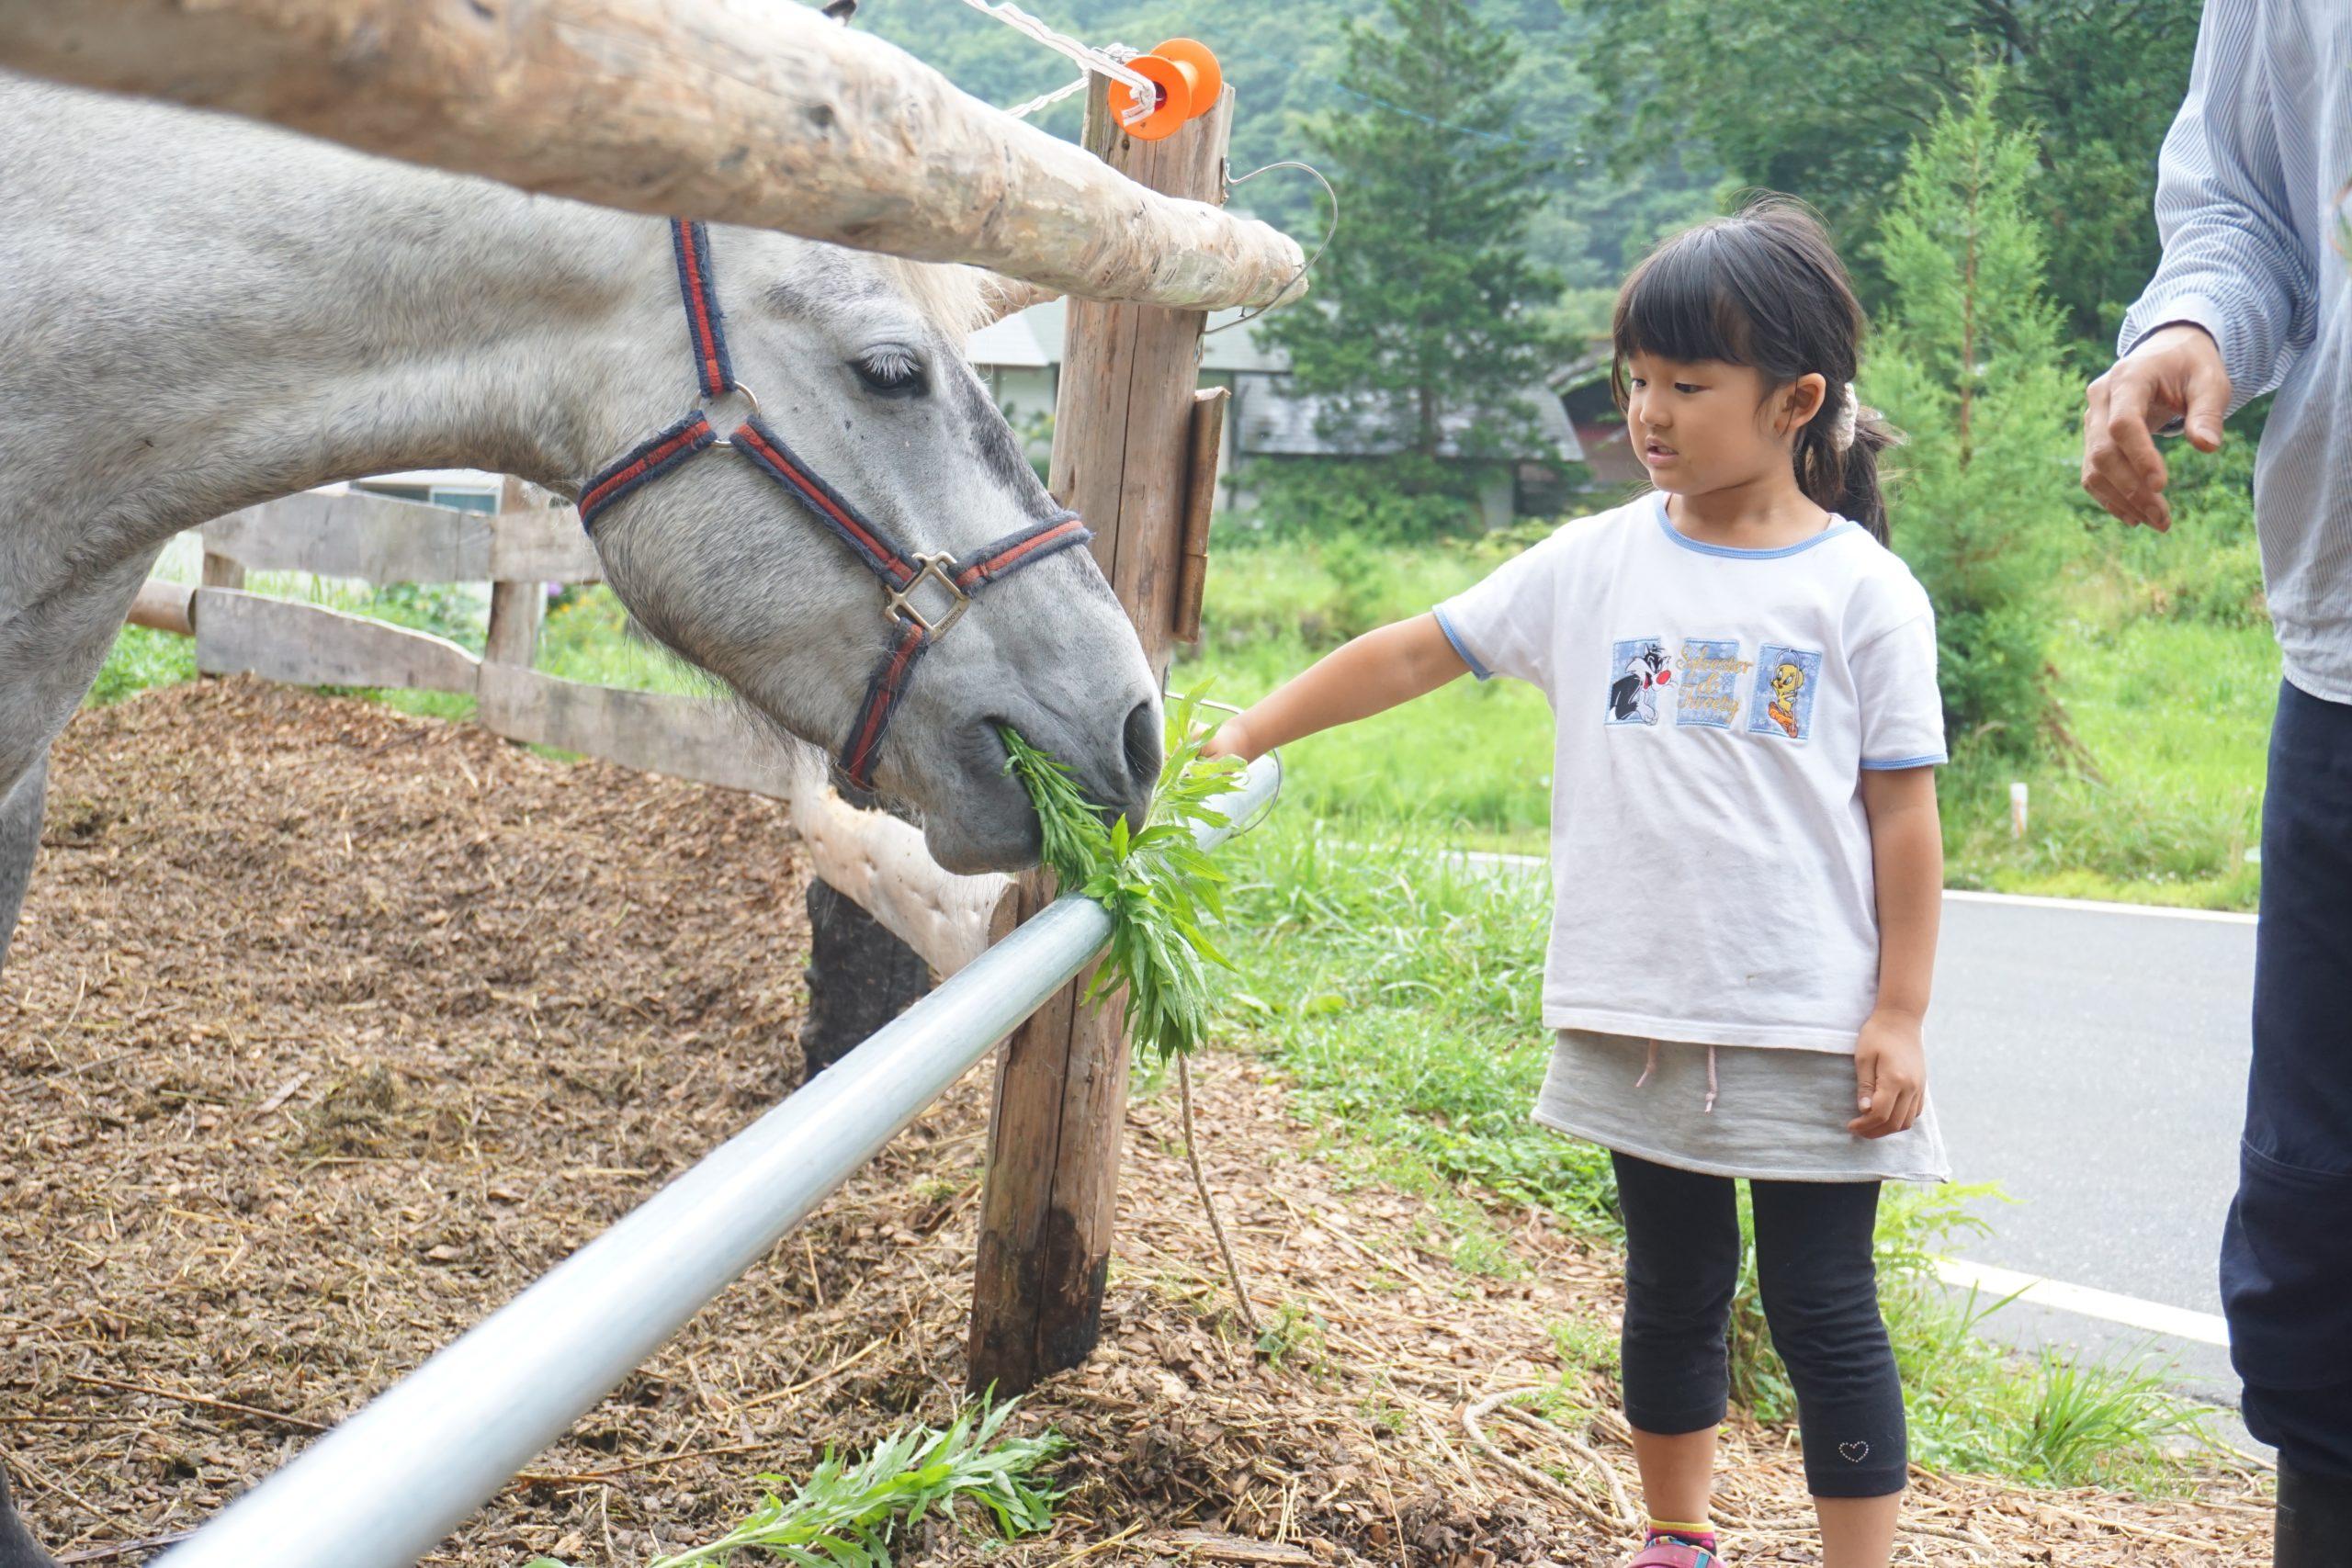 【募集中】ホースセラピー講座「馬の暮らし型セラピー勉強会」 11/14(土)